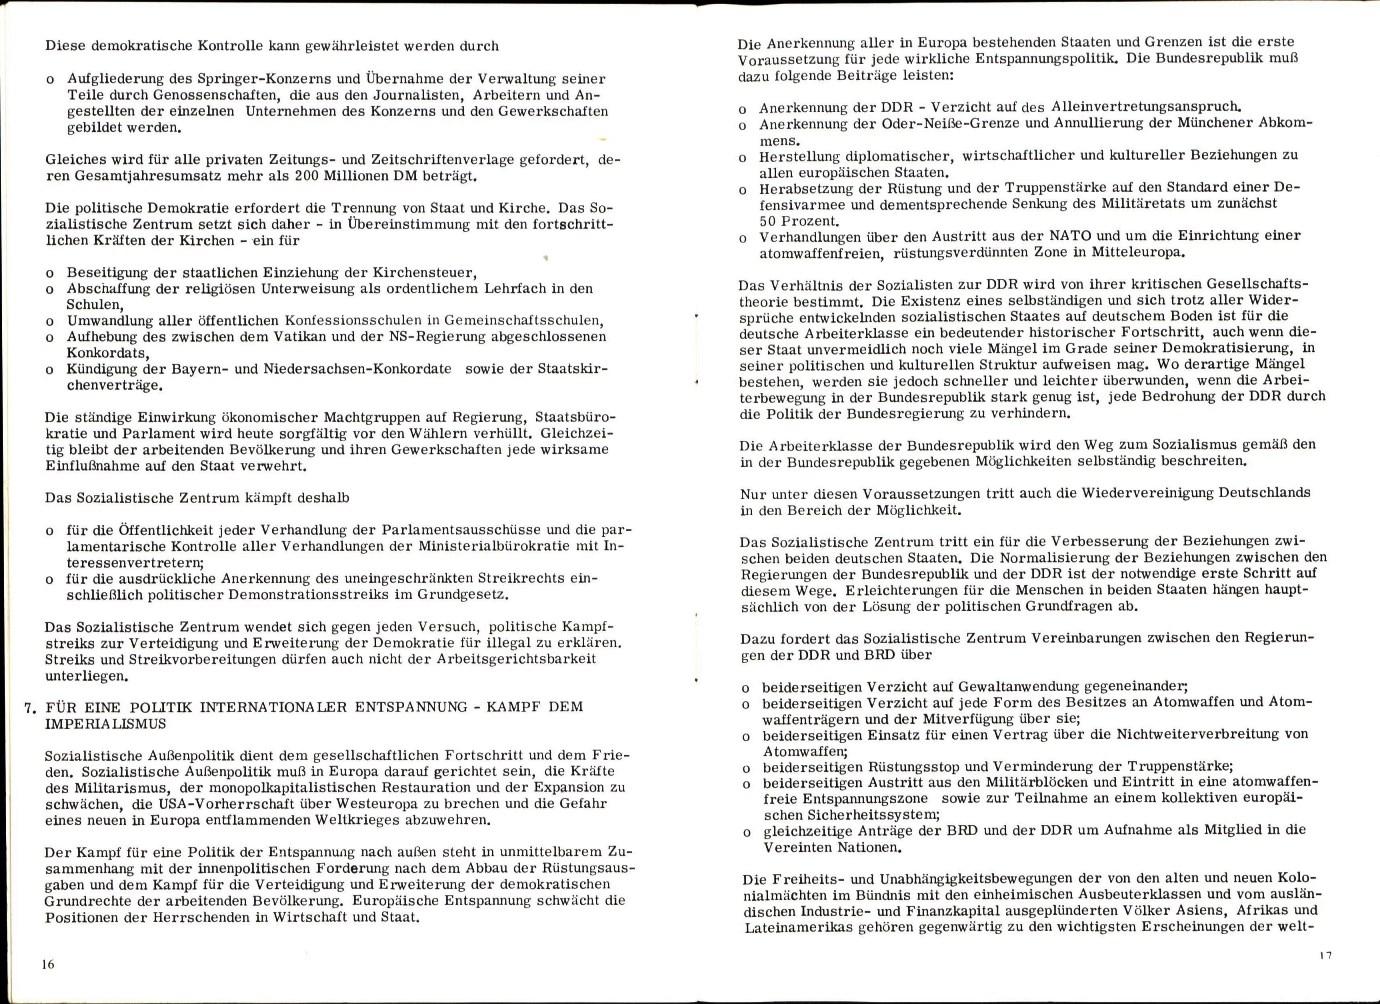 Sozialistisches_Zentrum_1968_Aktionsprogramm_09